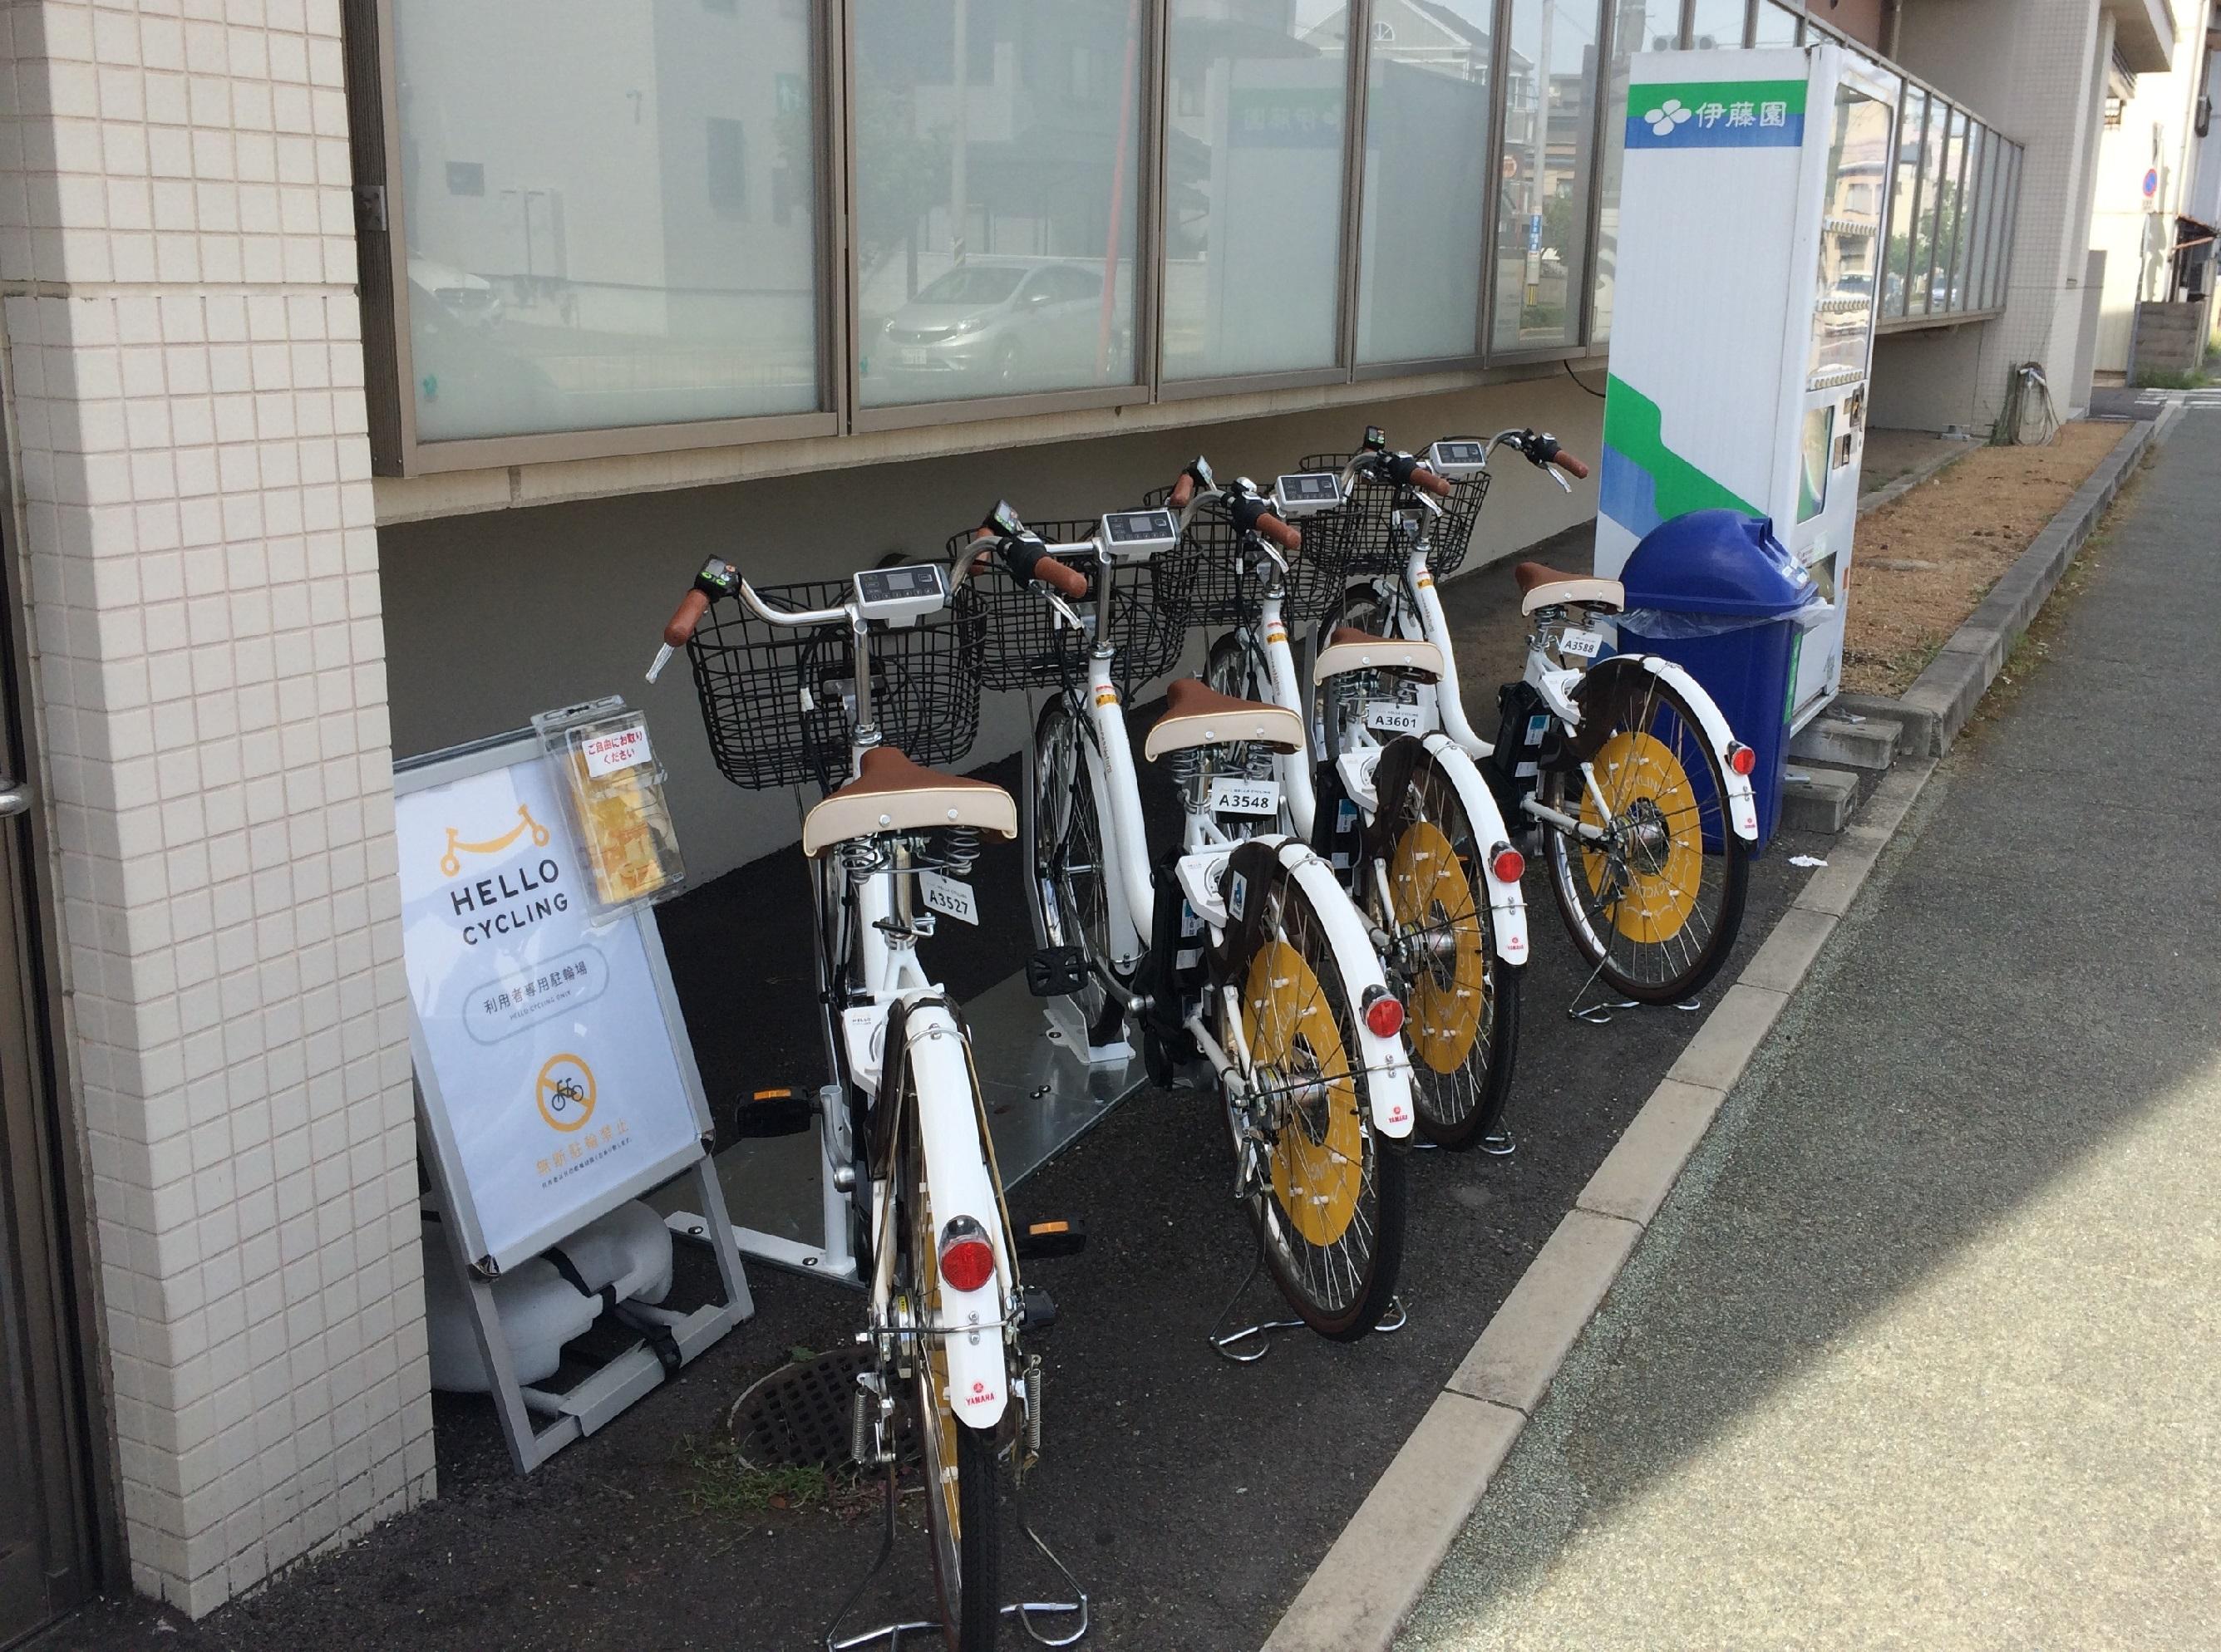 穴吹カレッジ福岡町学生寮弐番館 (HELLO CYCLING ポート) image